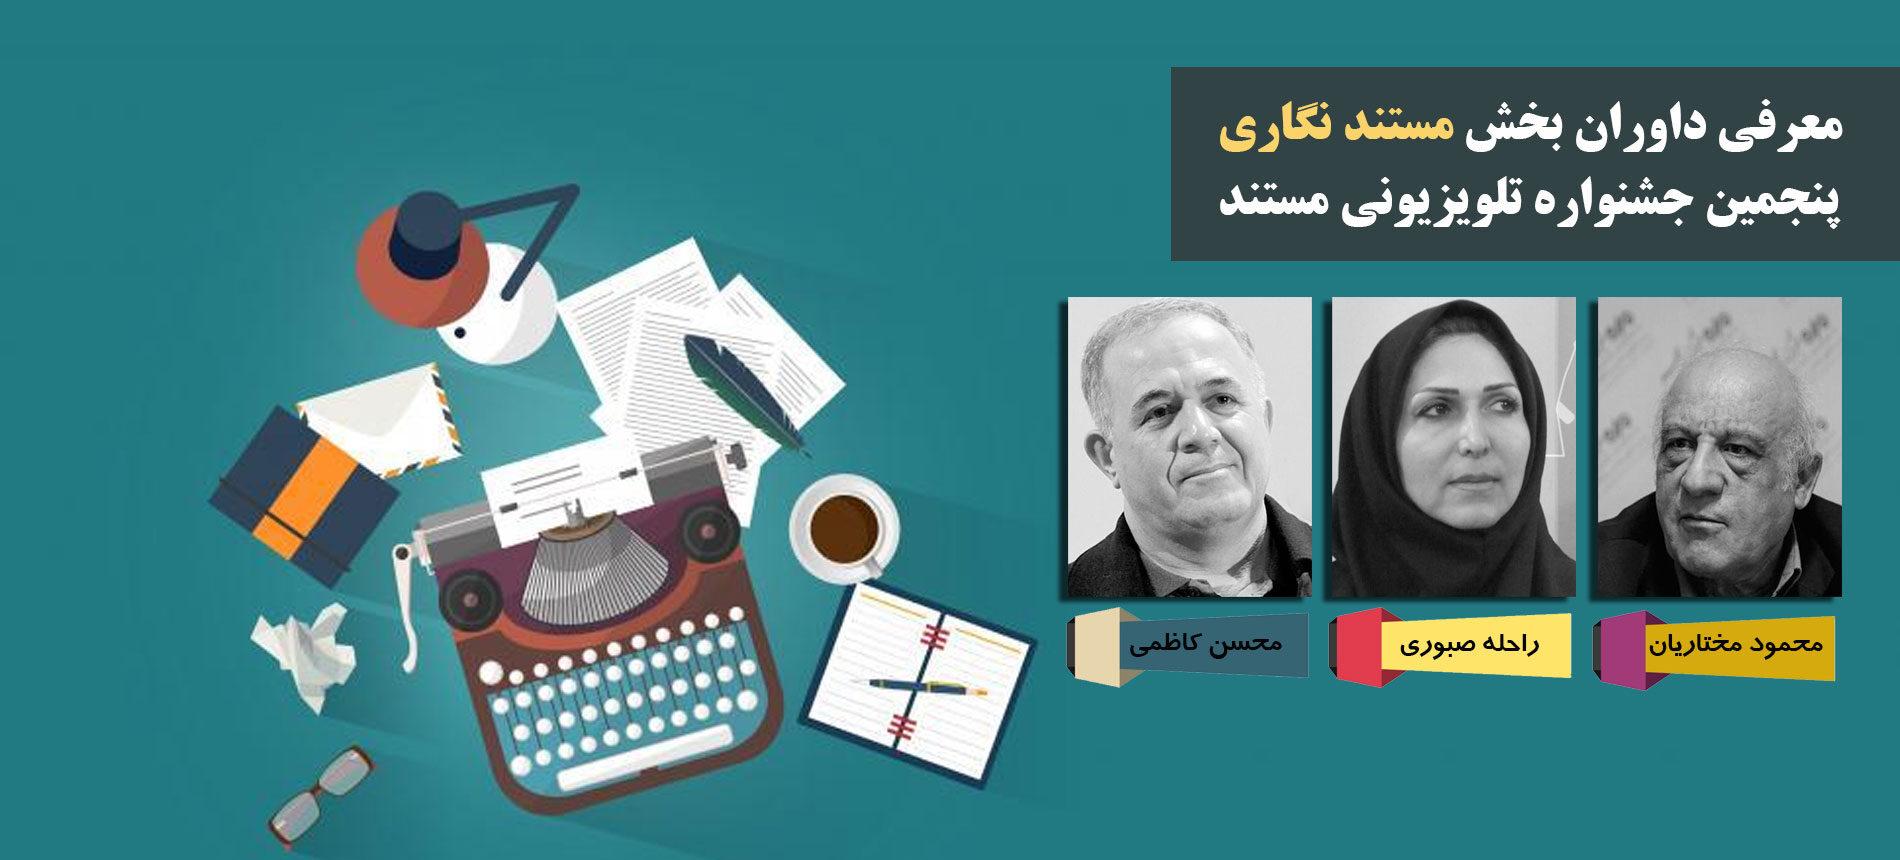 داوران بخش «مستندنگاری» پنجمین جشنواره تلویزیونی مستند معرفی شدند